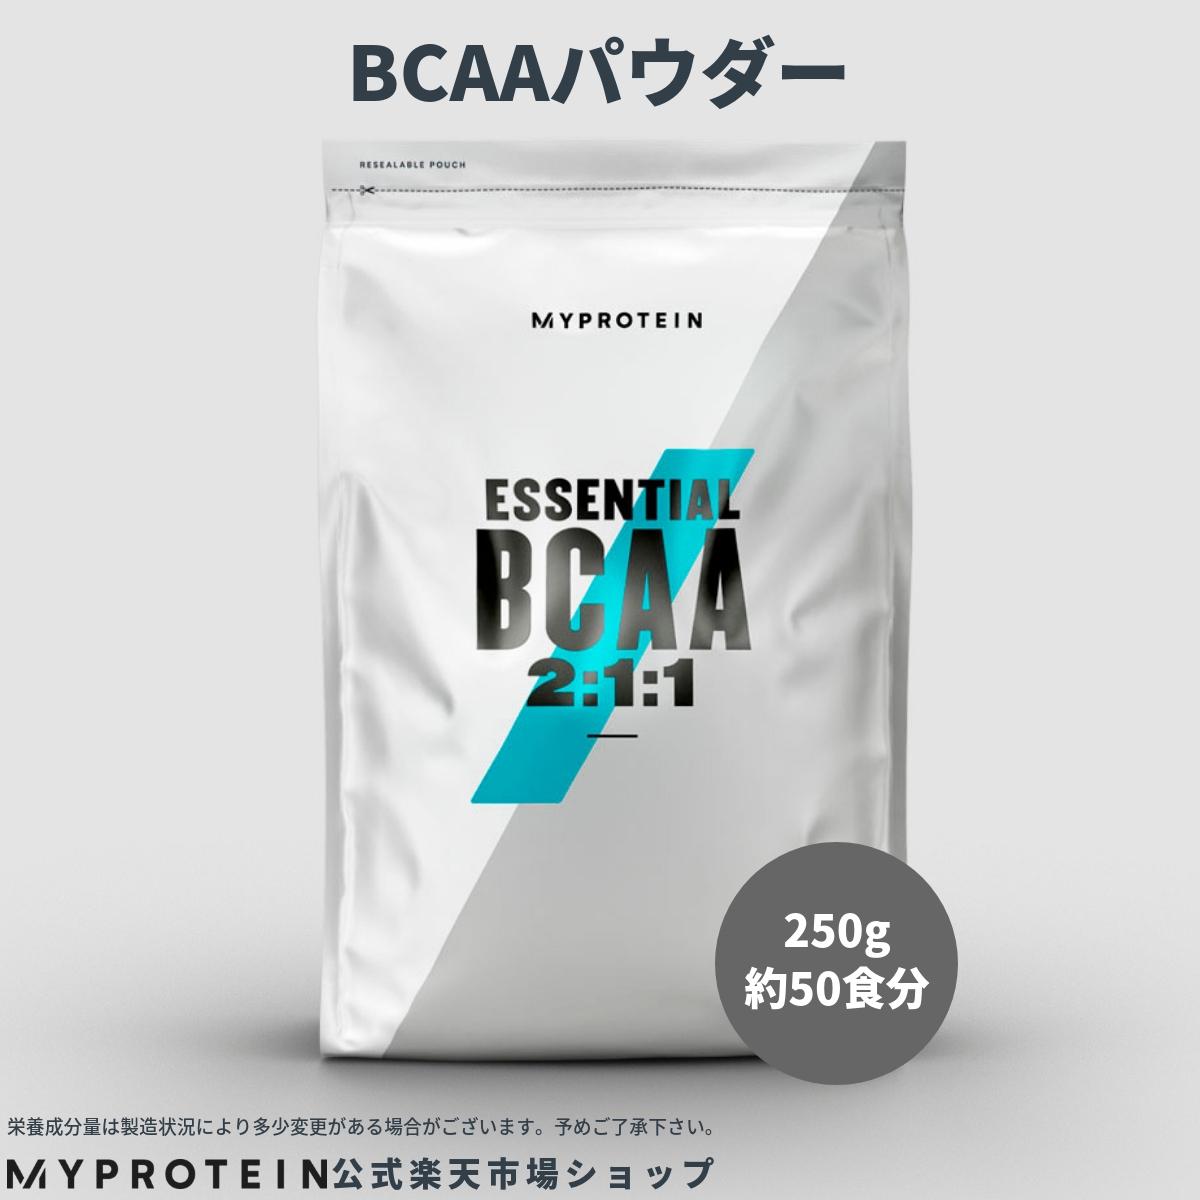 マイプロテイン 公式 【MyProtein】 BCAA 2:1:1 (分岐鎖アミノ酸) 250g 約50食分| サプリメント サプリ パウダー EAA アミノ酸 バリン ロイシン スポーツサプリ ダイエットサプリ アルギニン カルニチン ピーチ ピーチマンゴー エクステンド xtend